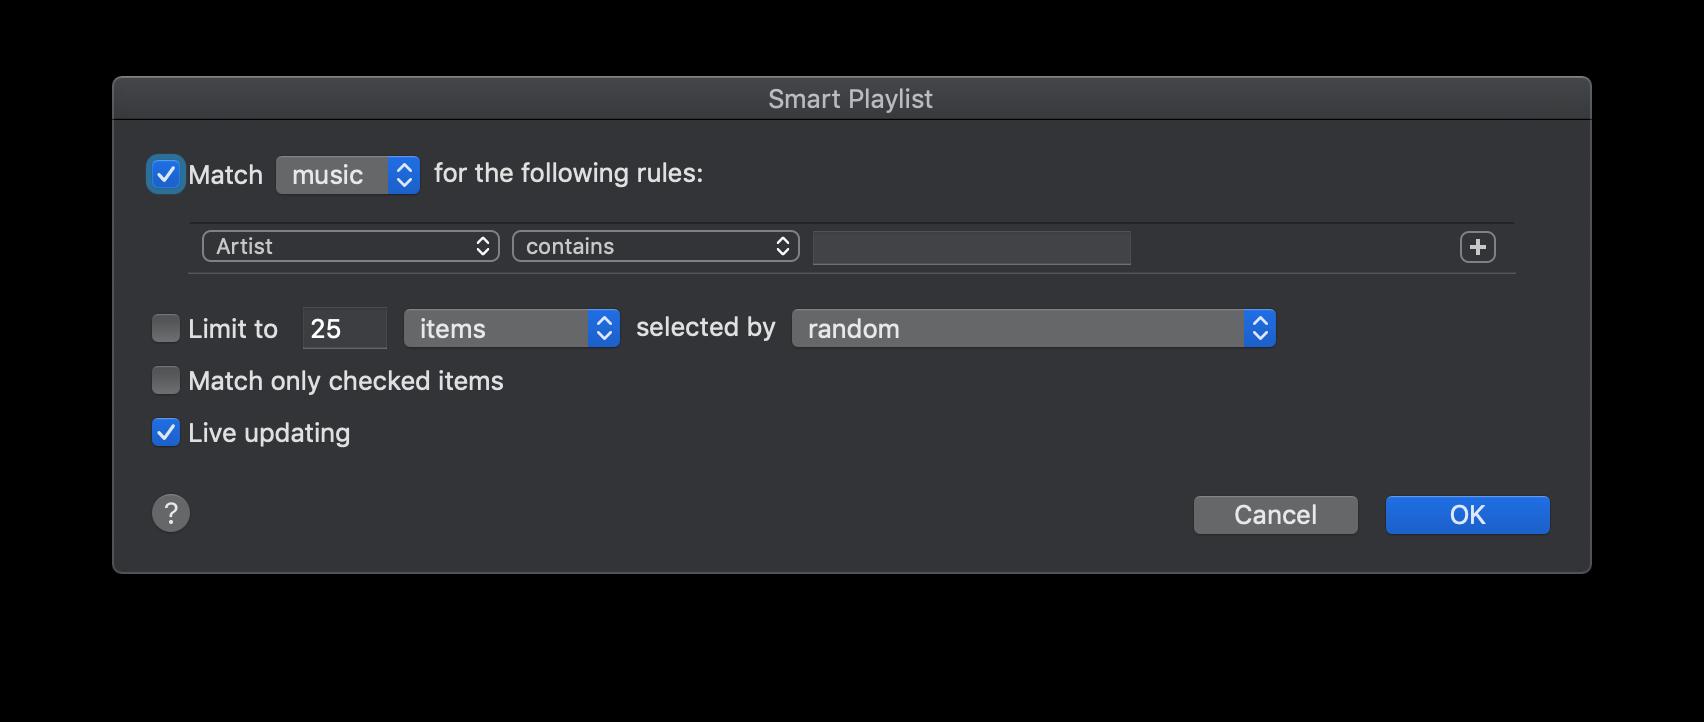 스마트 플레이리스트는 규칙에 따르는 음악들을 담을 수 있습니다.